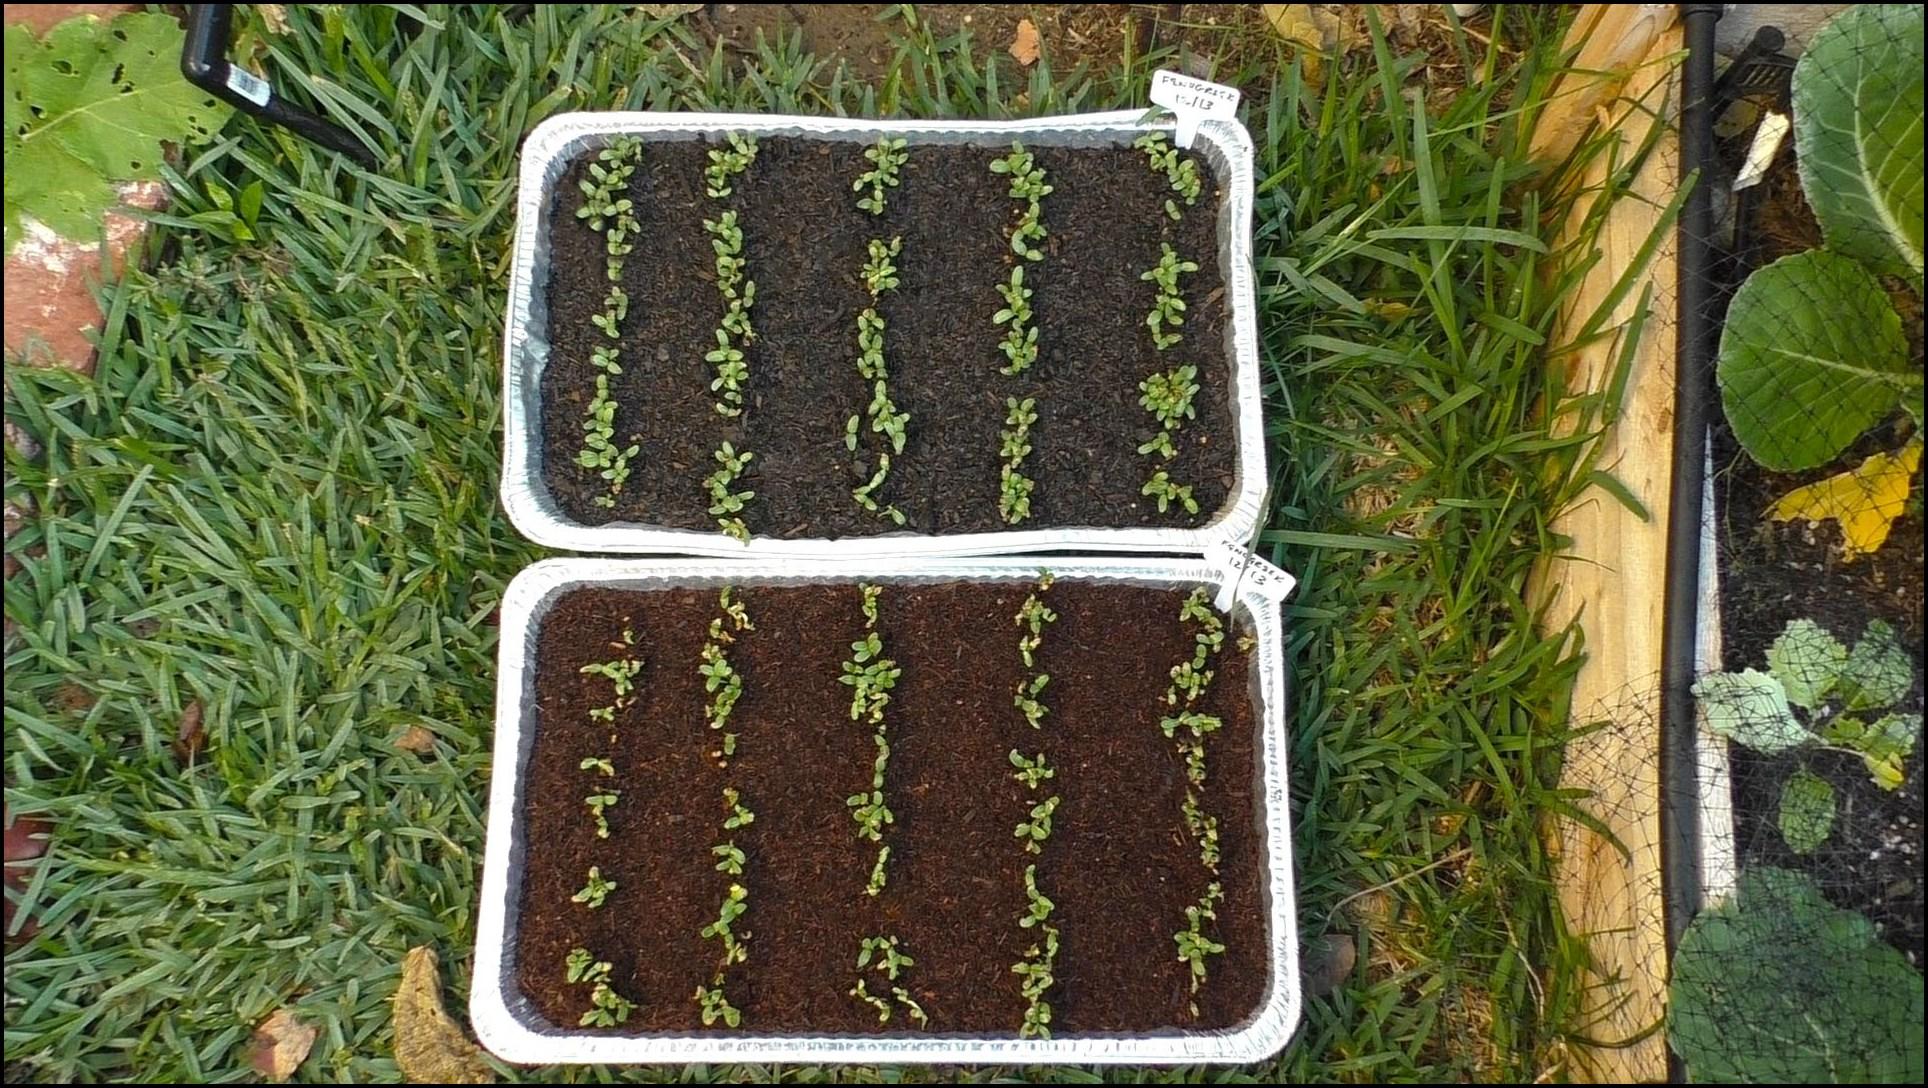 Potting Mix Vs Garden Soil